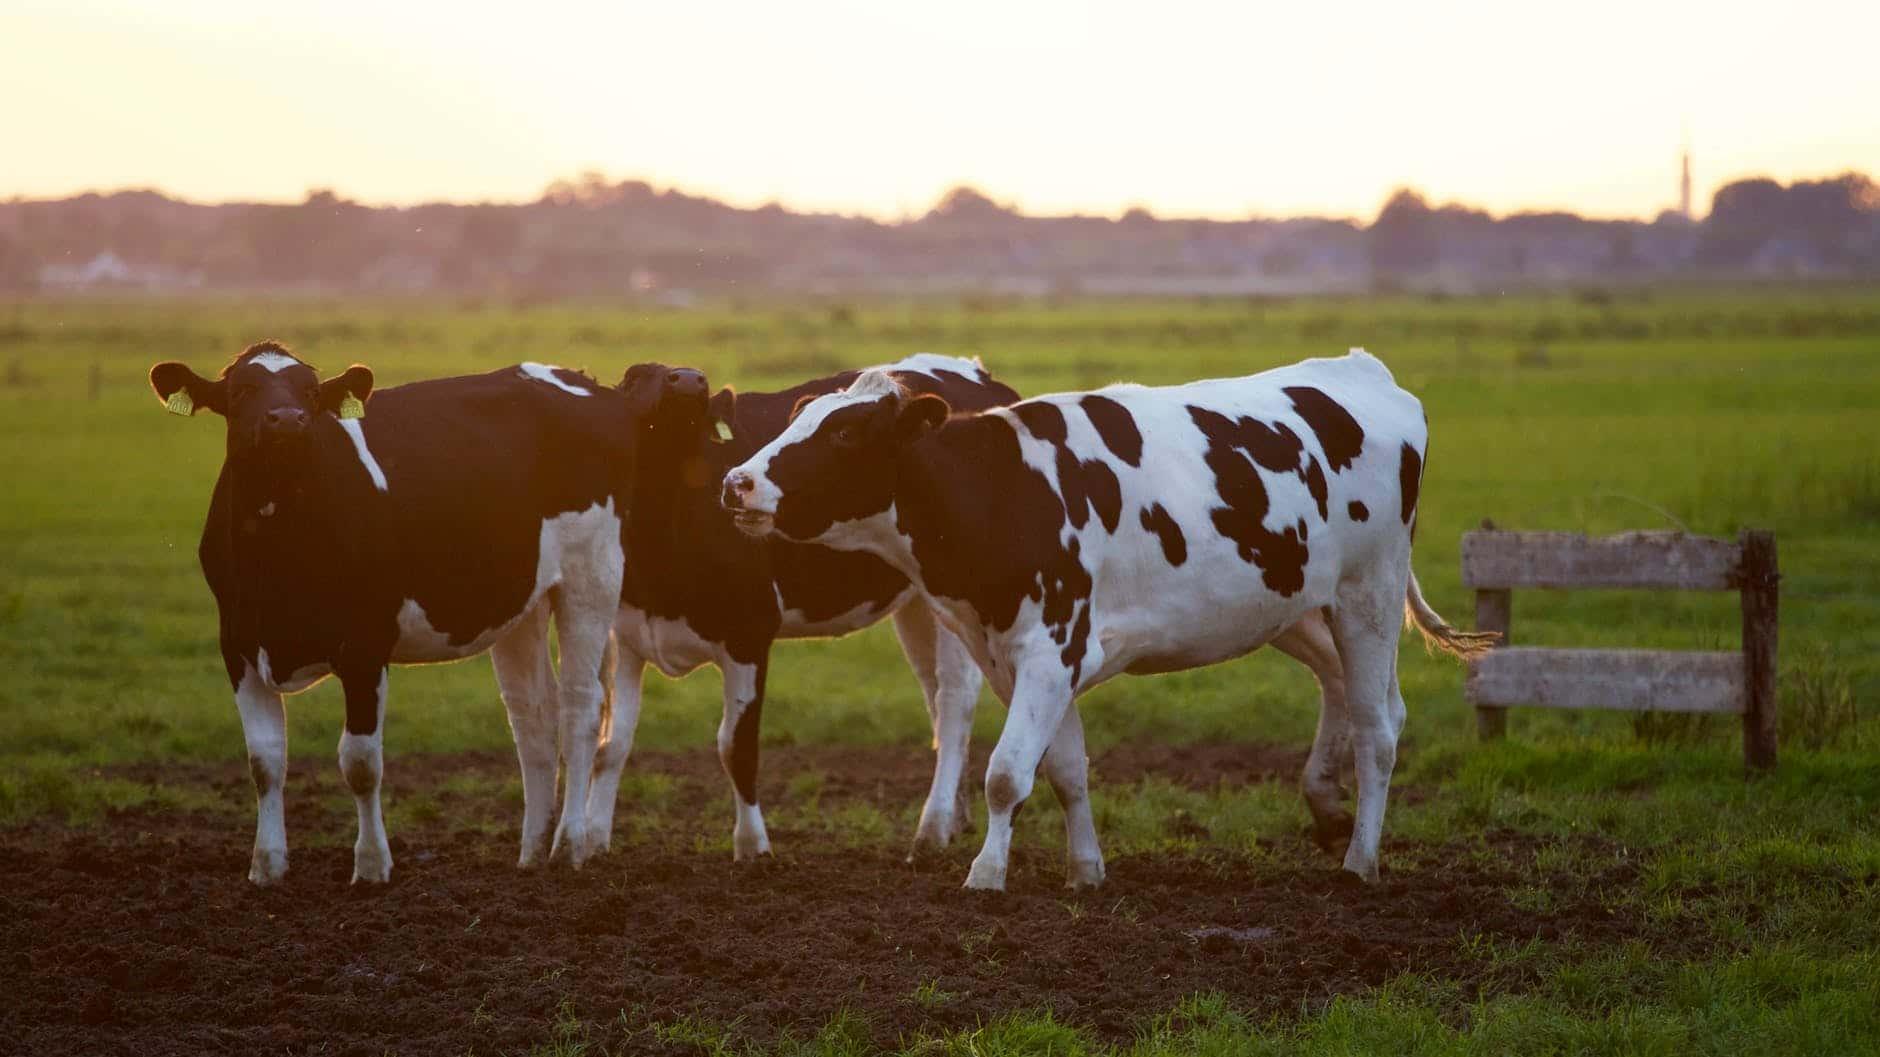 cow milks